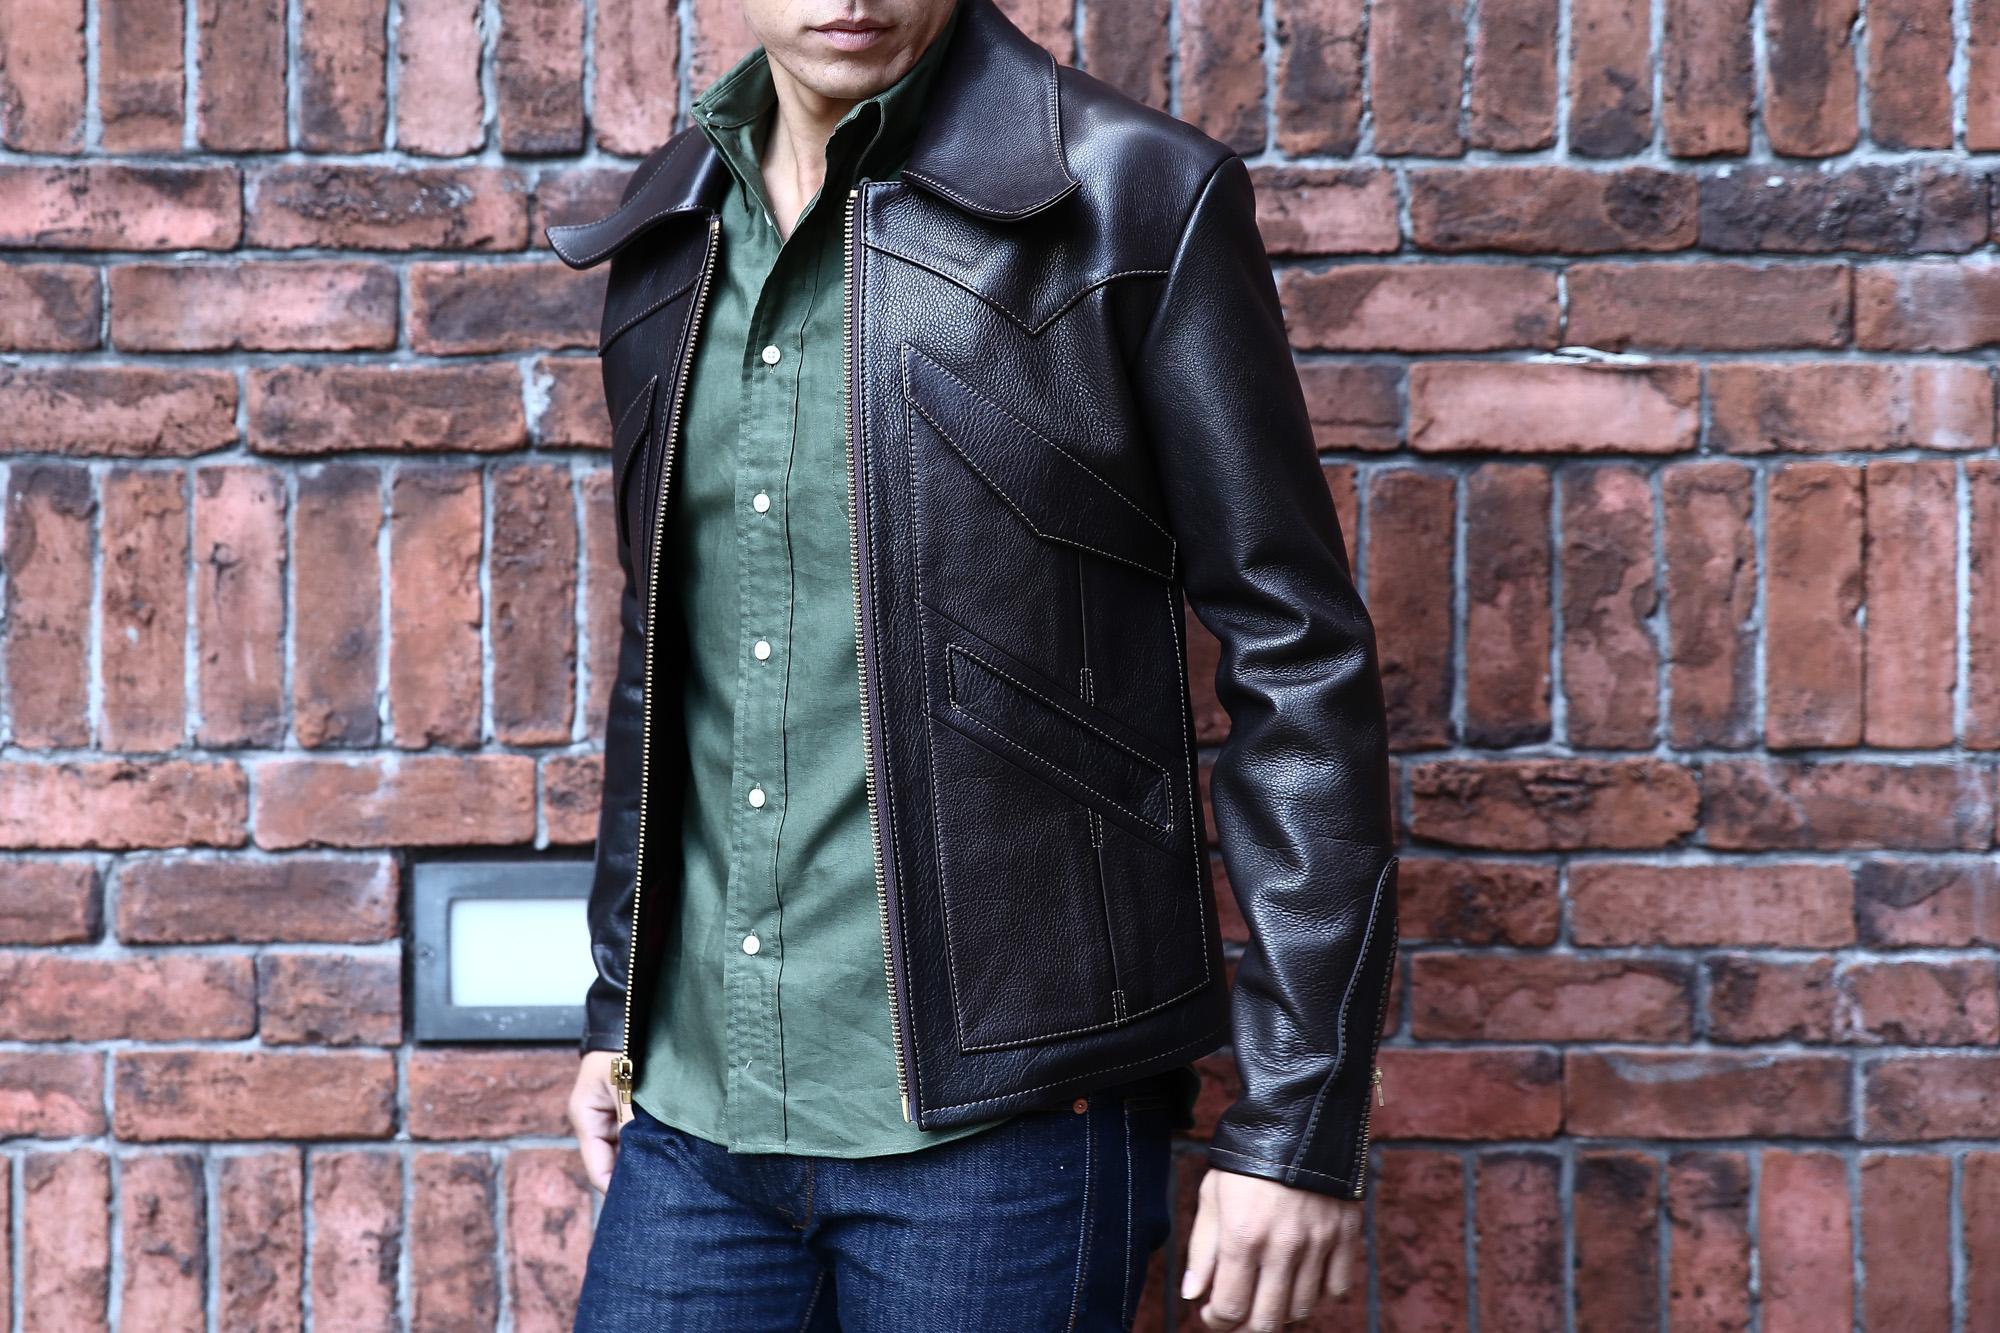 South Paradiso Leather(サウスパラディソレザー) East West イーストウエスト WINCHESTER ウィンチェスター Cow Hide Leather カウハイドレザー レザージャケット DARK BROWN(ダークブラウン) MADE IN USA(アメリカ製) のコーディネート画像、愛知 名古屋 ZOIDAC ゾディアック サウスパラディソ パラディソ レザー ヴィンテージ ビンテージ